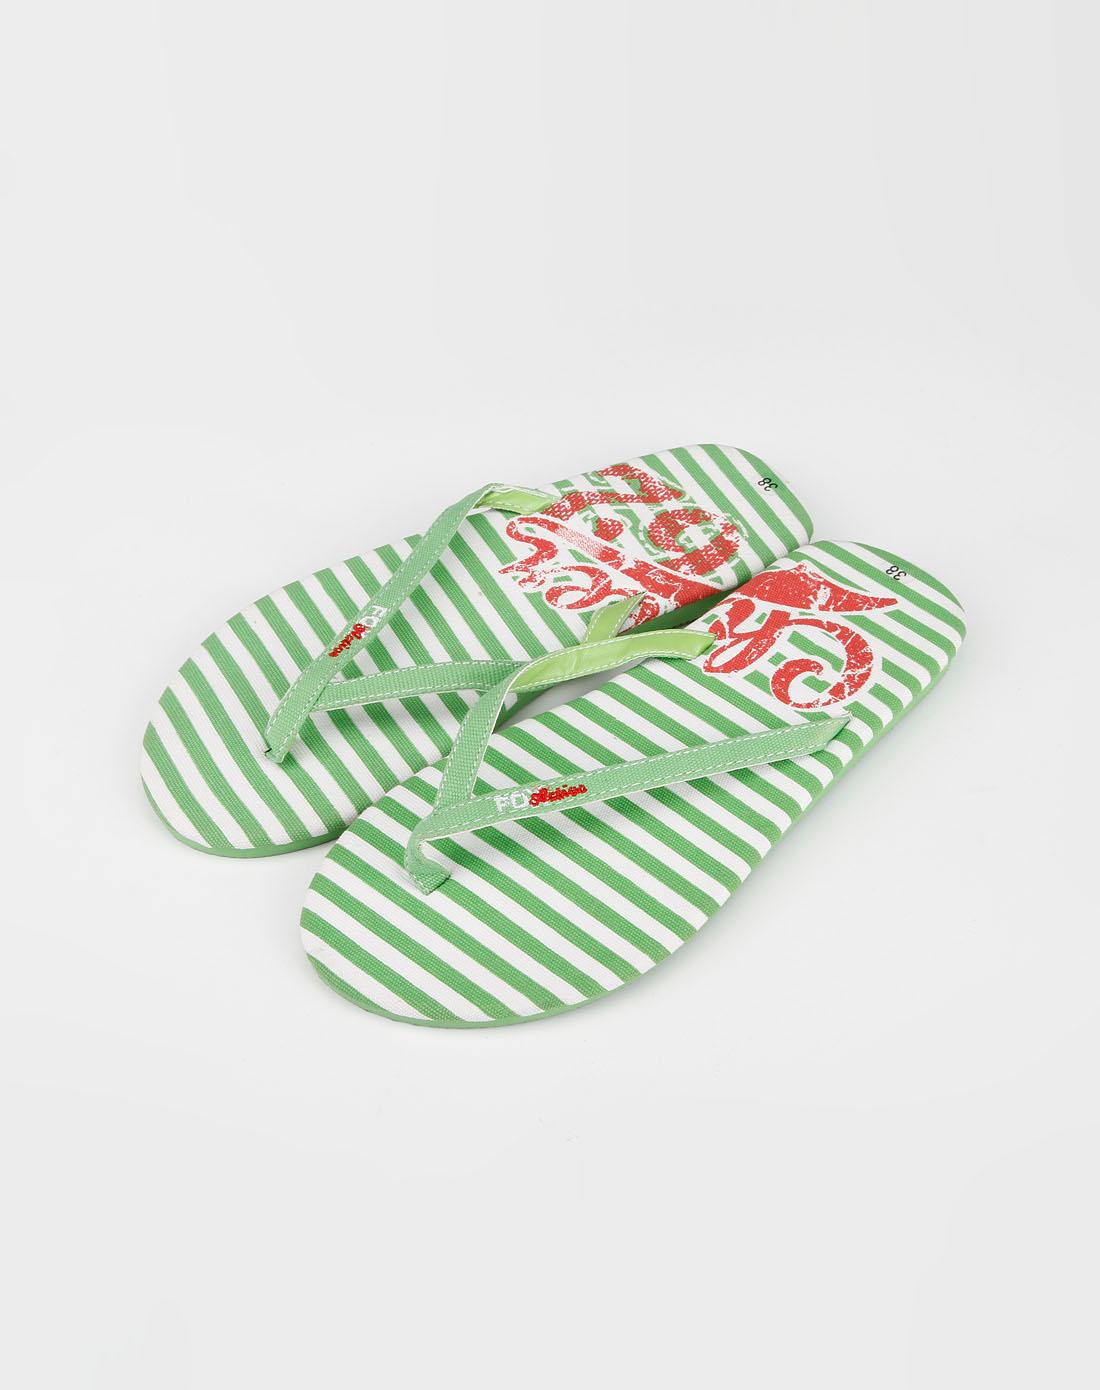 女款绿/白色沙滩拖鞋_fox官网特价0